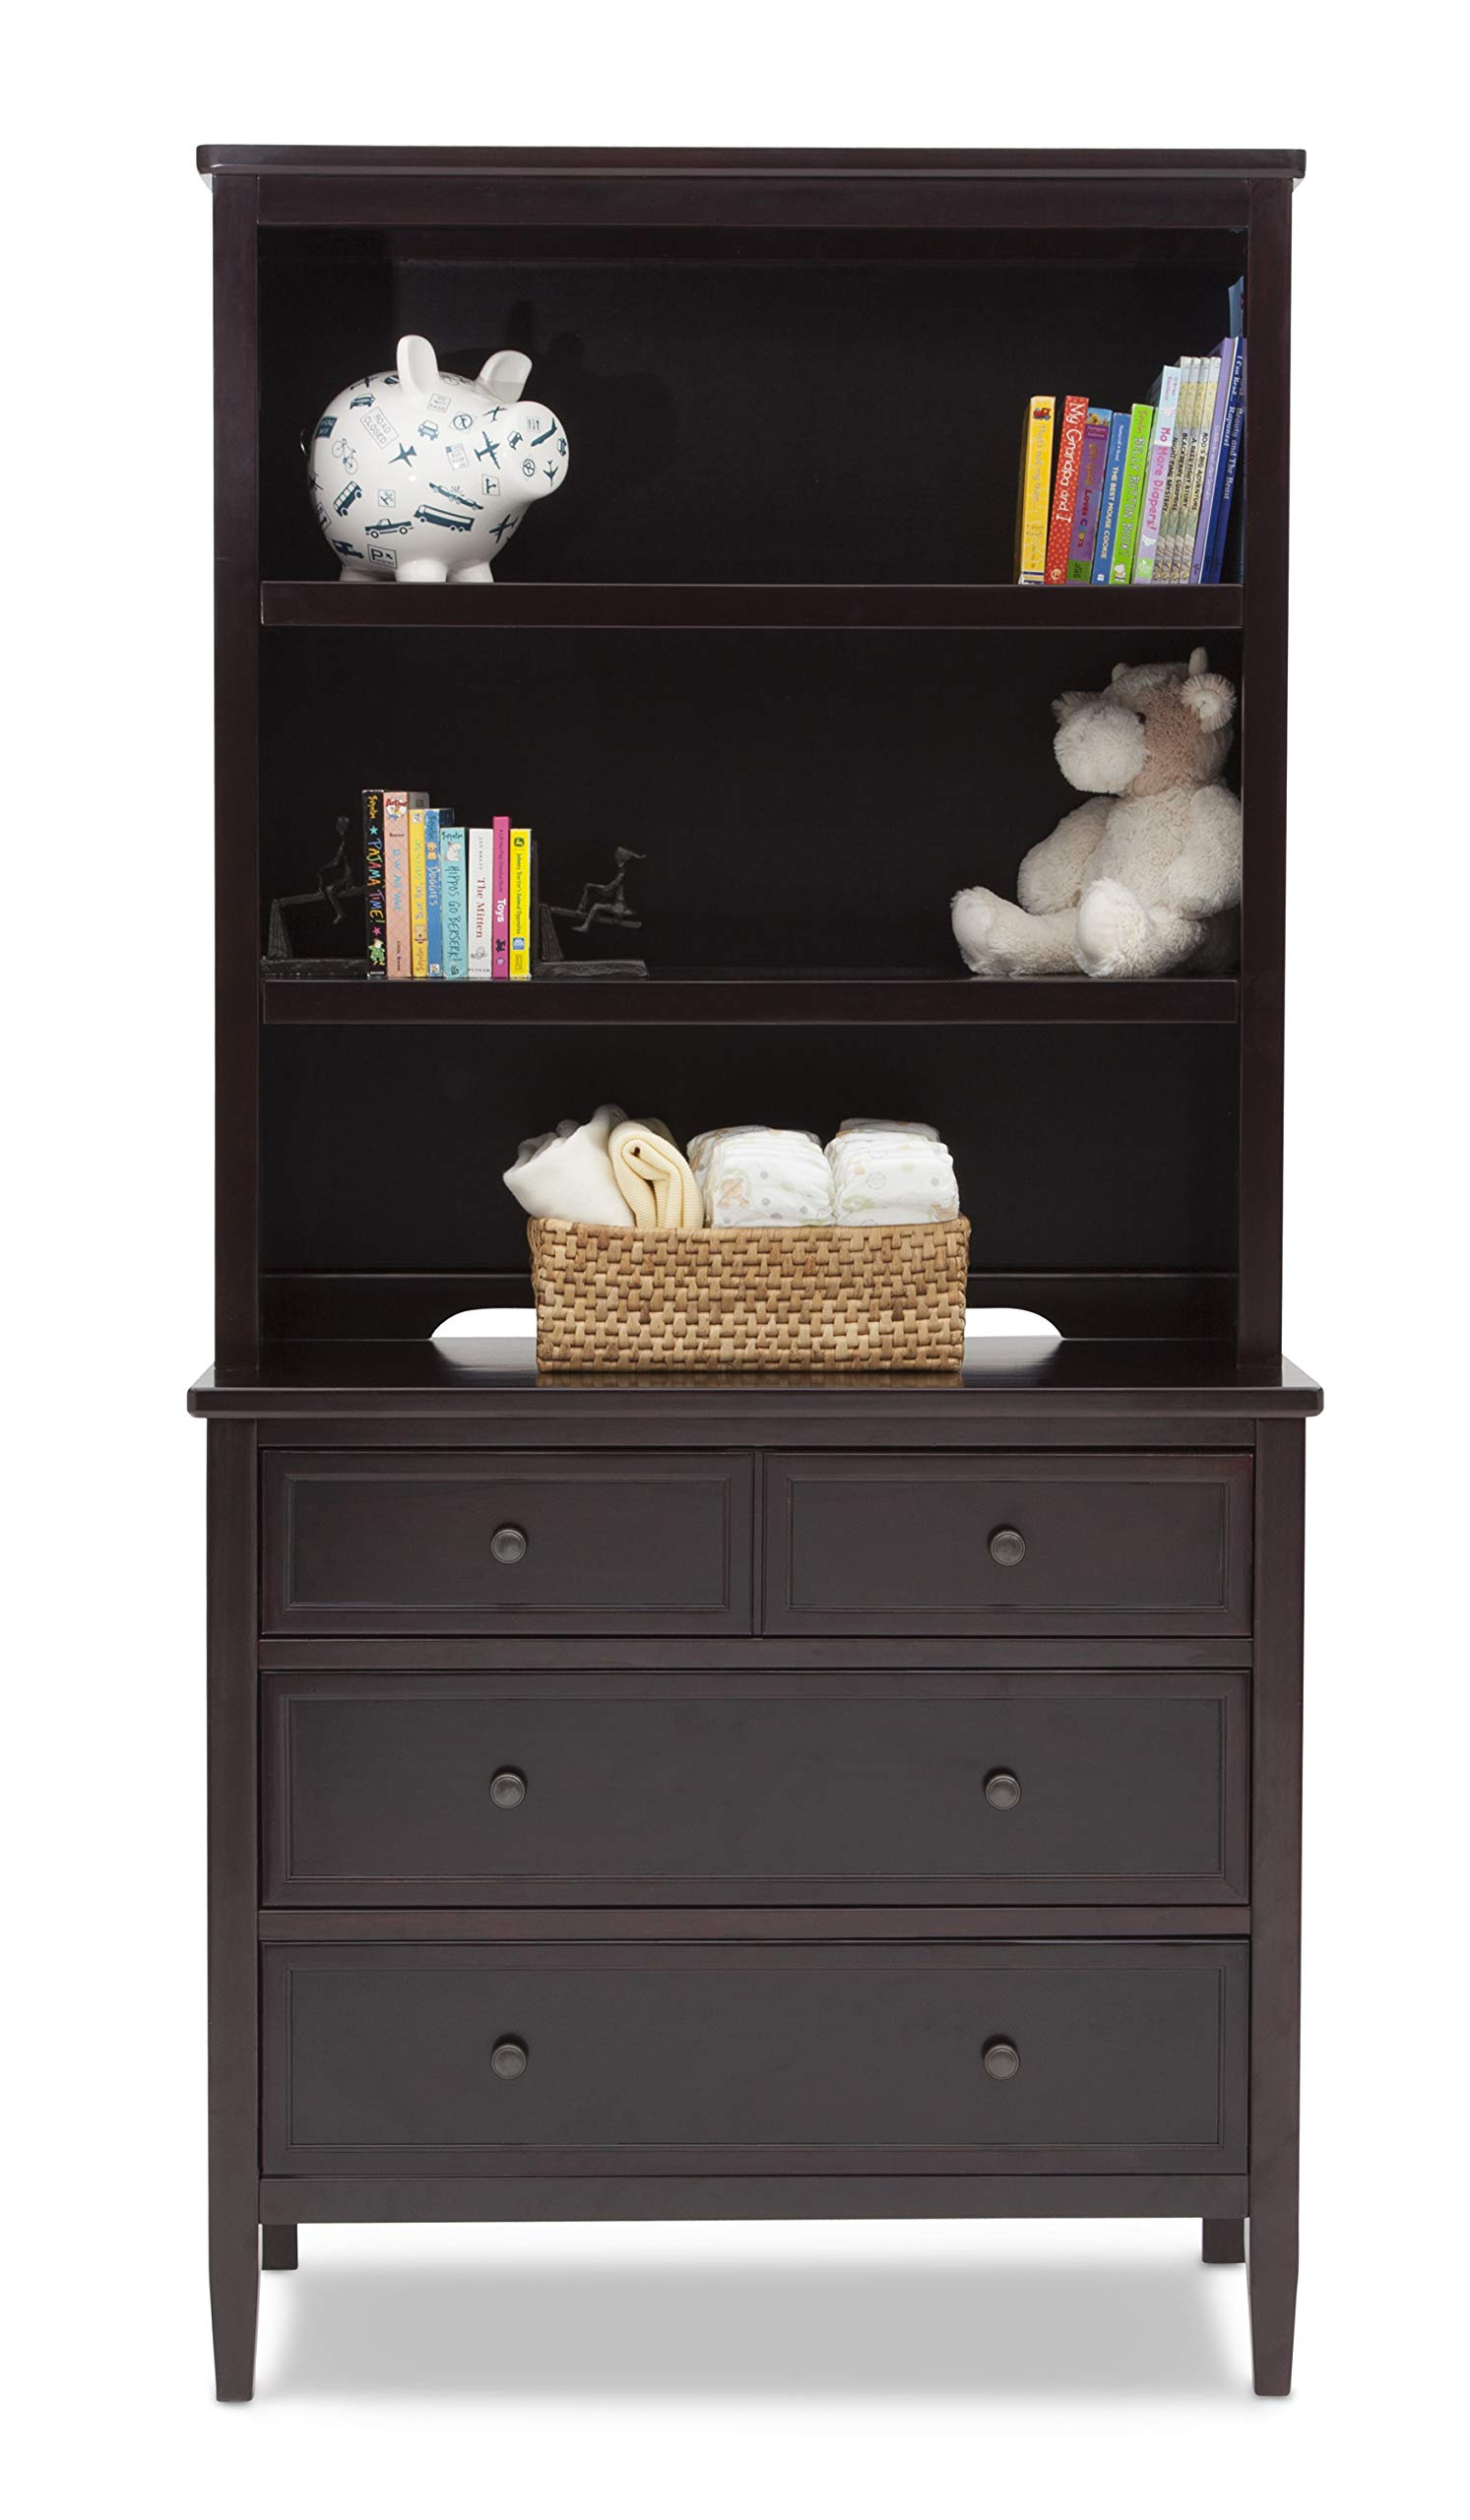 Delta Children Emery 3 Drawer Dresser with Changing Top (Dark Chocolate (303))